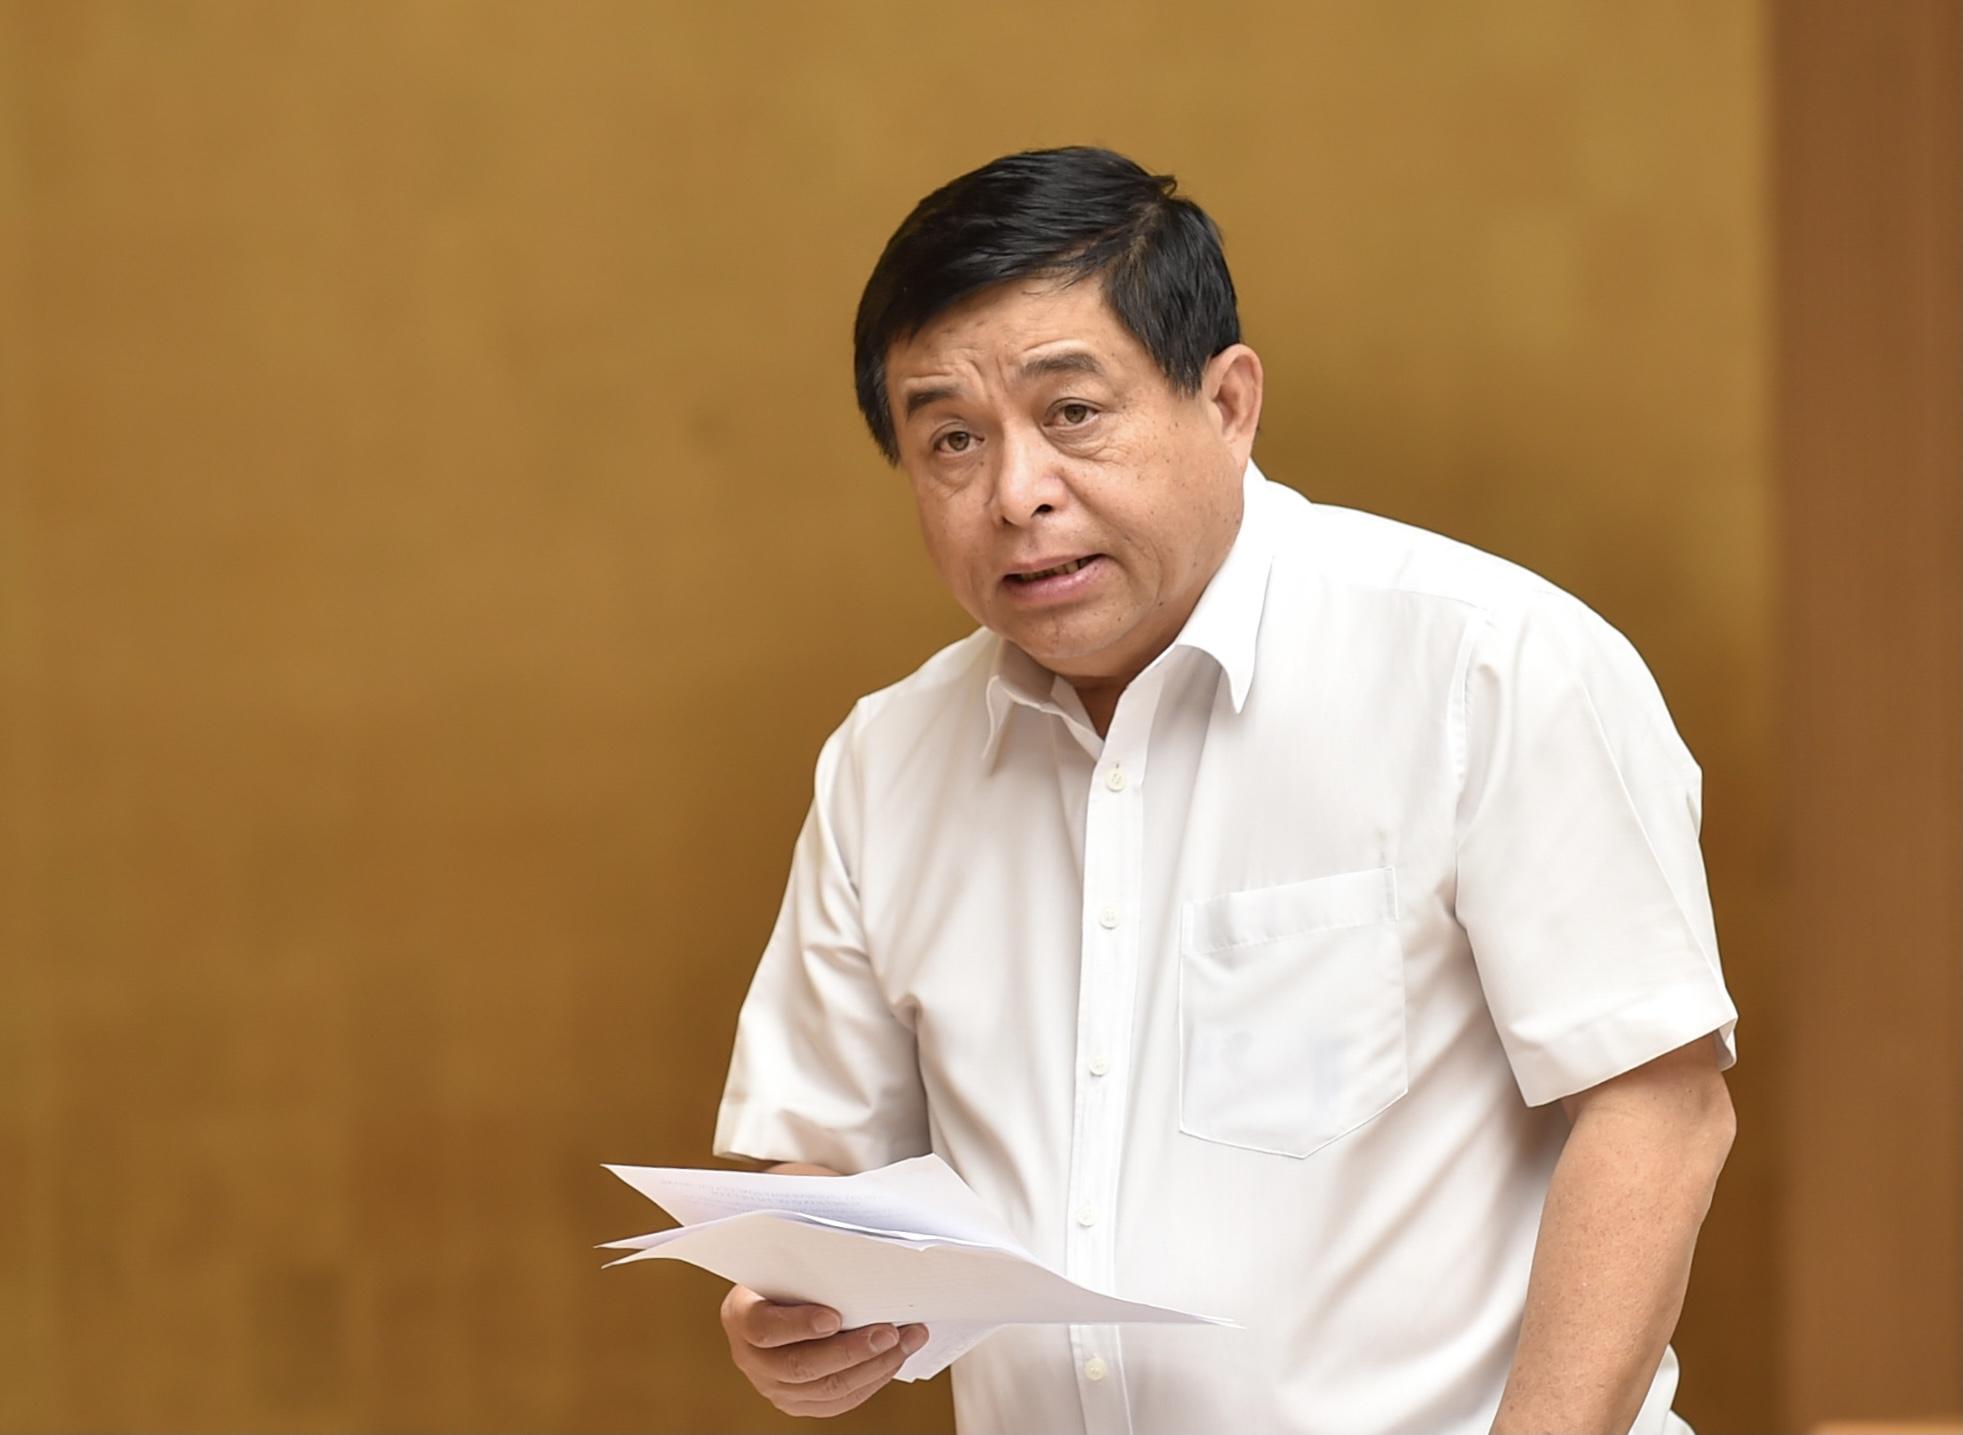 Bộ trưởng Bộ Kế hoạch và Đầu tư Nguyễn Chí Dũng phát biểu tại cuộc làm việc - Ảnh: VGP/Nhật Bắc